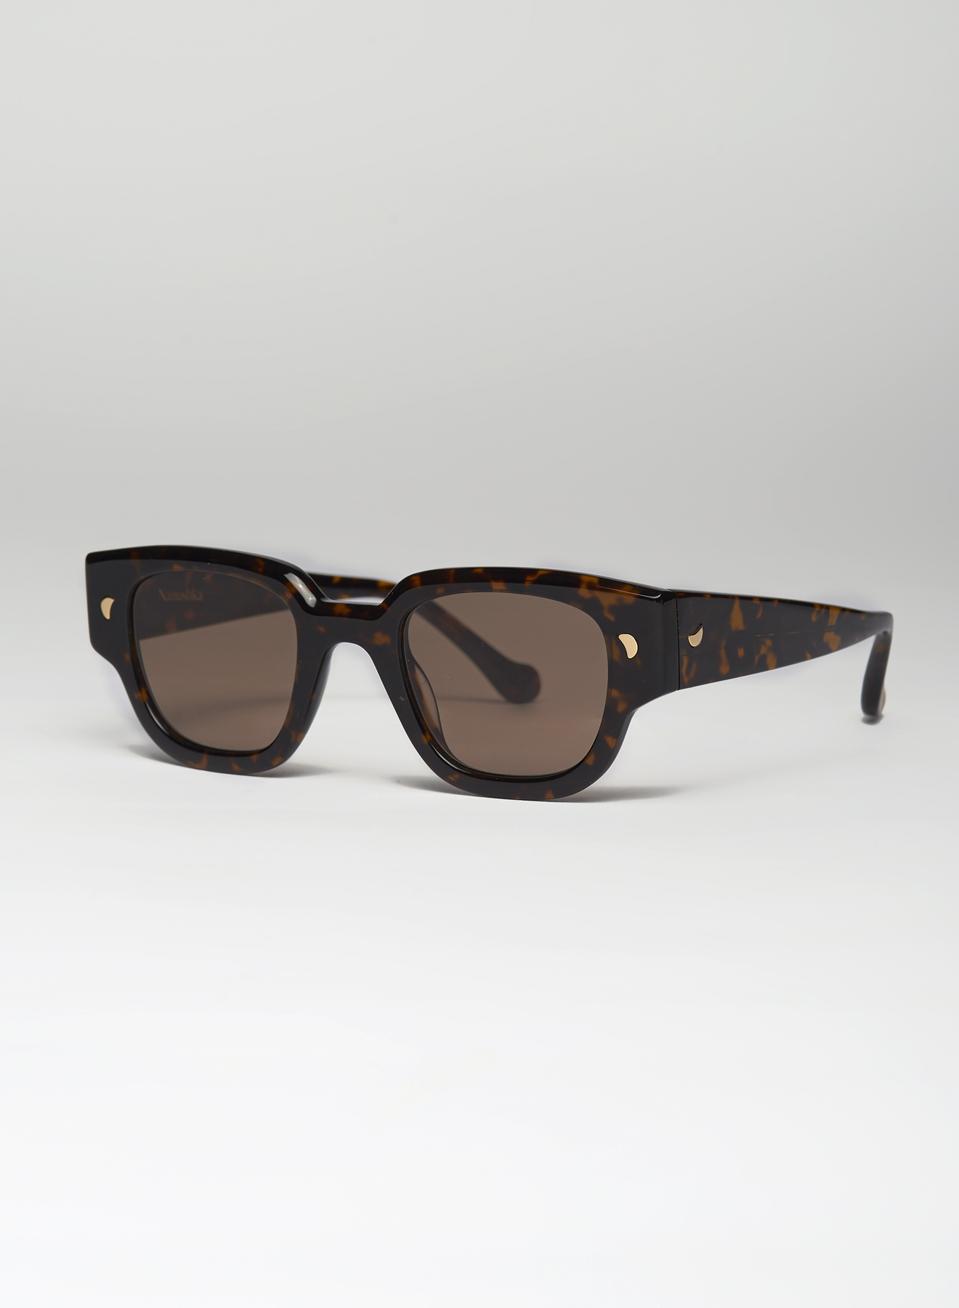 Nanushka SAMUI D-frame sunglasses in Tortiseshell  NANUSHKA Nanushka